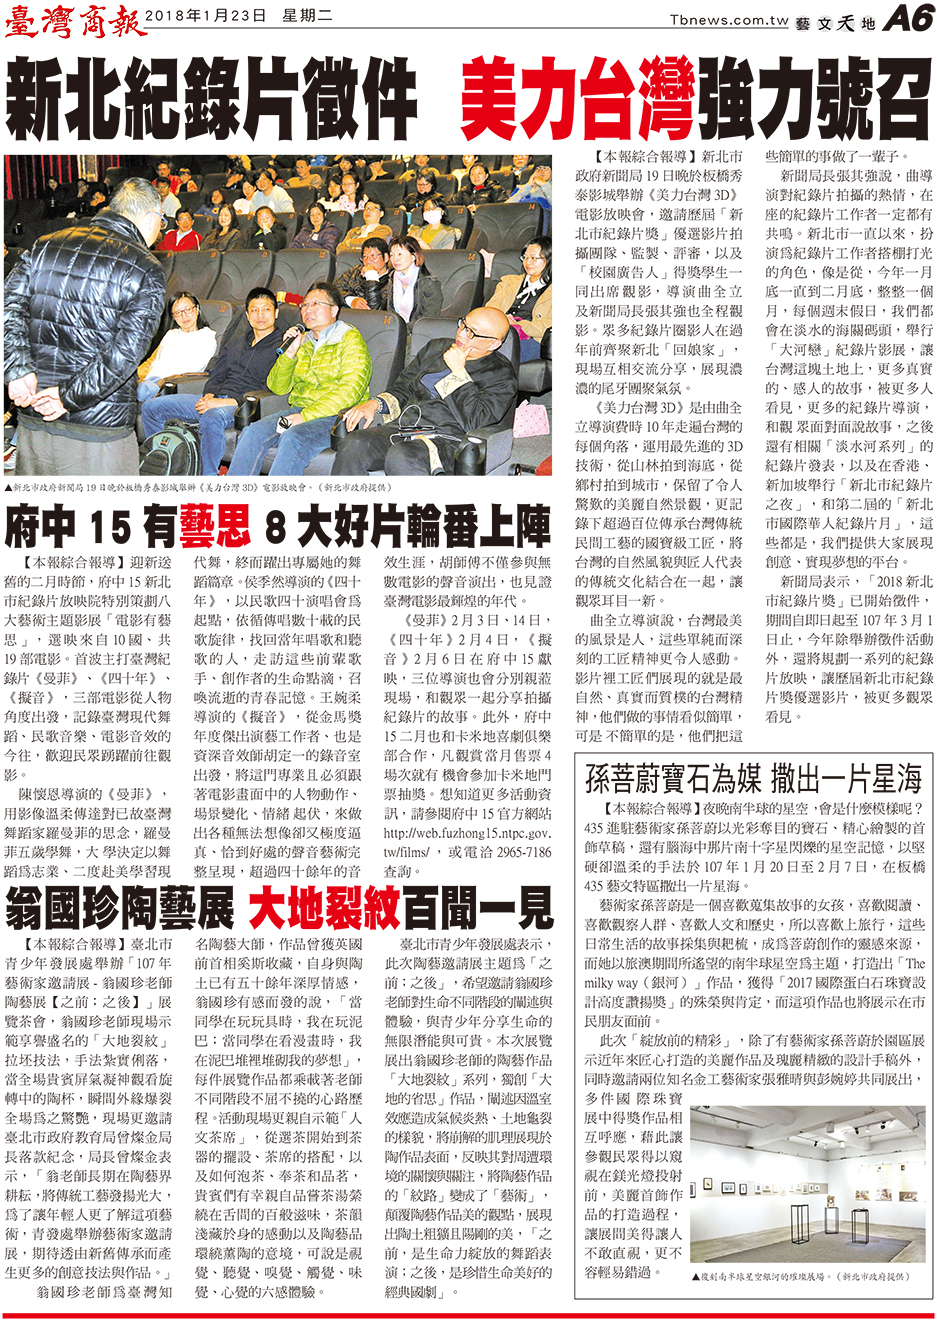 新北紀錄片徵件 美力台灣強力號召